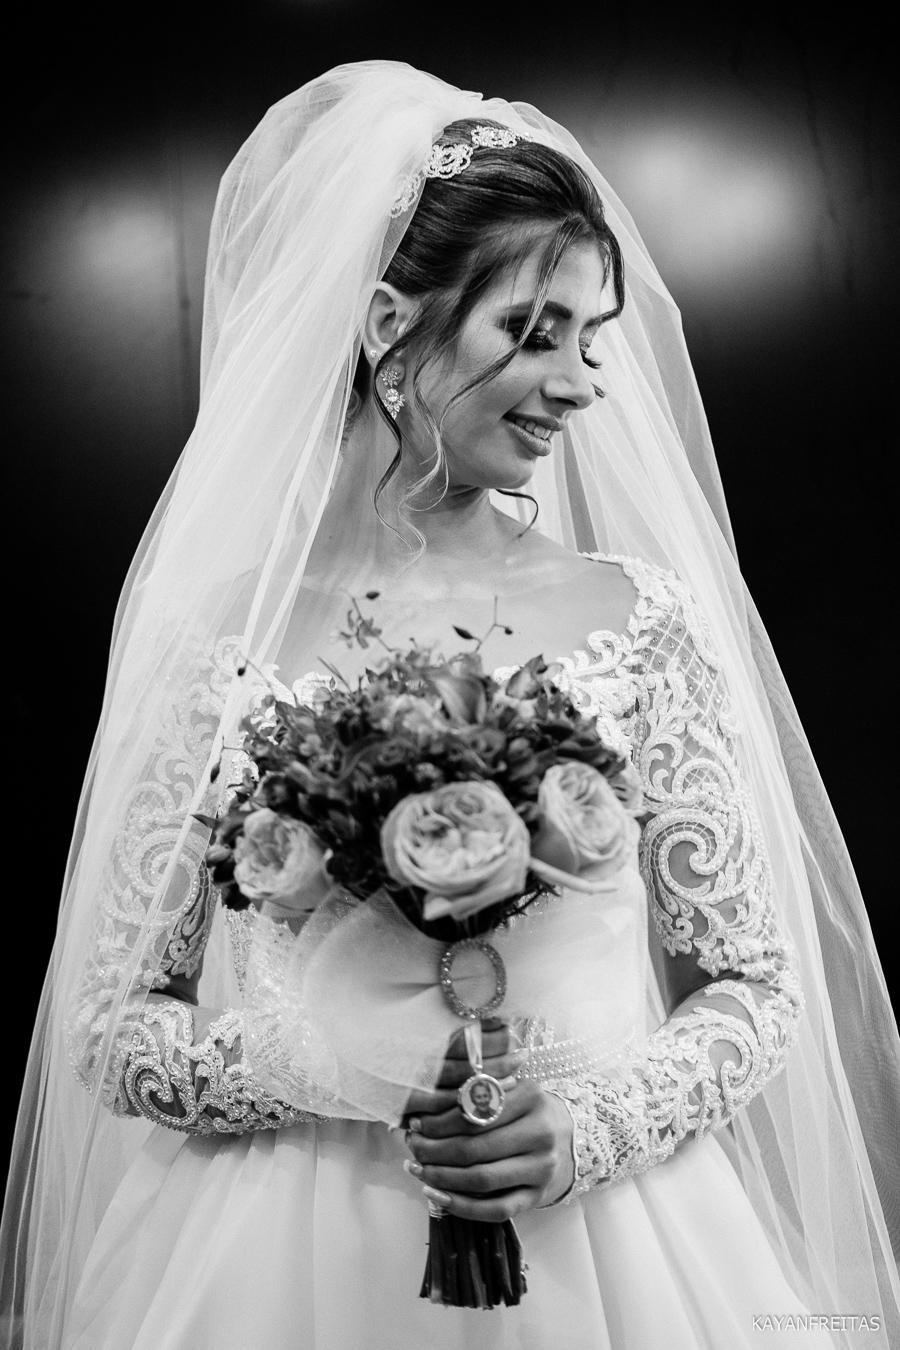 fotografo-casamento-santoamaro-daidiogo-0037 Casamento Daiara e Diogo - Santo Amaro da Imperatriz